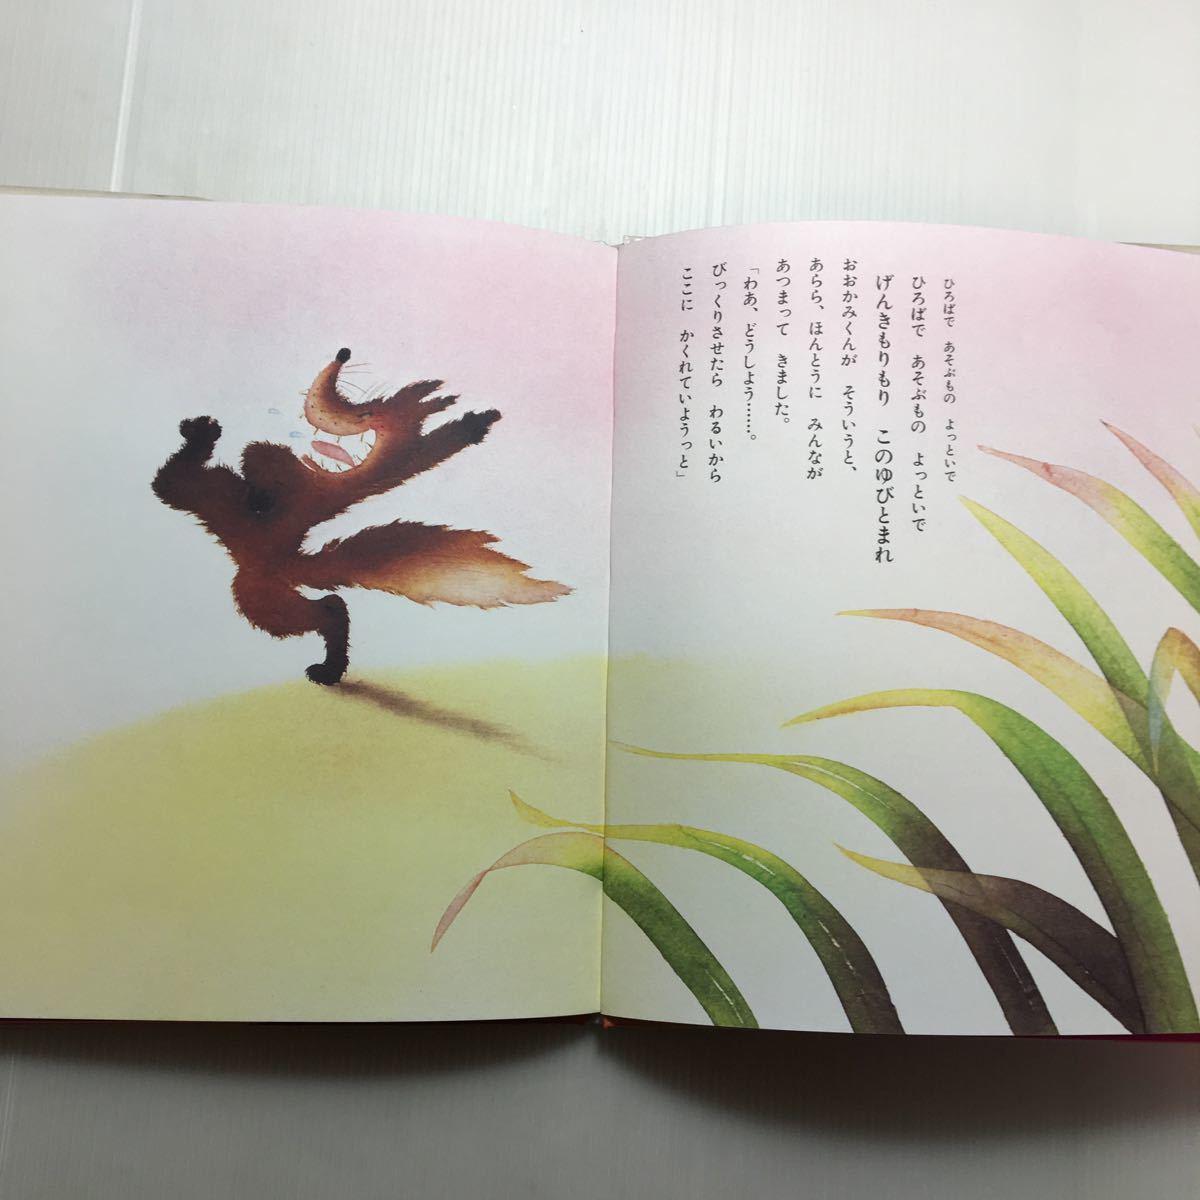 zaa-m1b♪ともだちほしいな おおかみくん (えほん・ワンダーランド)大型本 1986/7/1 さくら ともこ (著), いもと ようこ (イラスト)